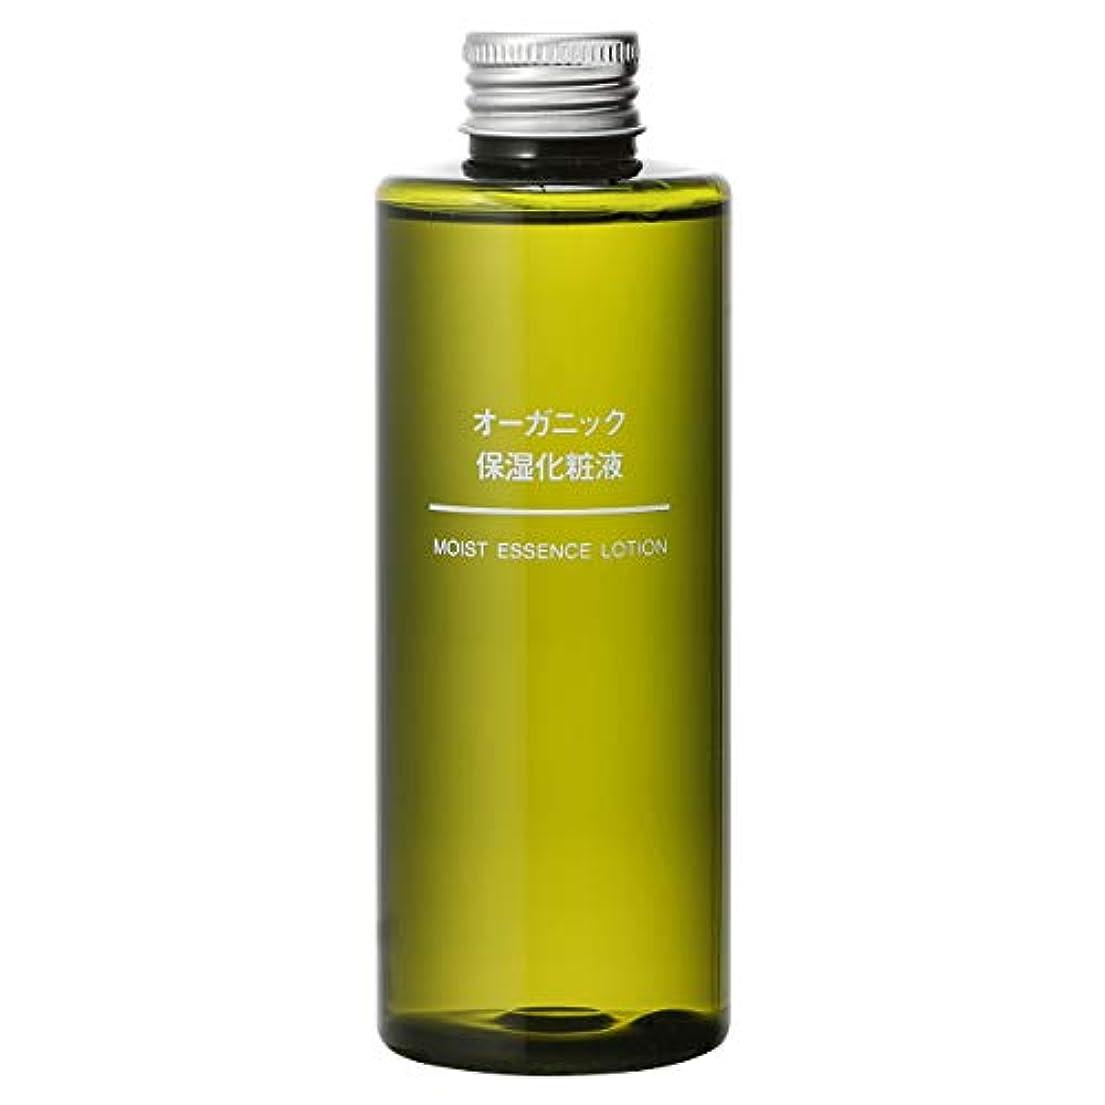 順番備品締め切り無印良品 オーガニック保湿化粧液 200ml